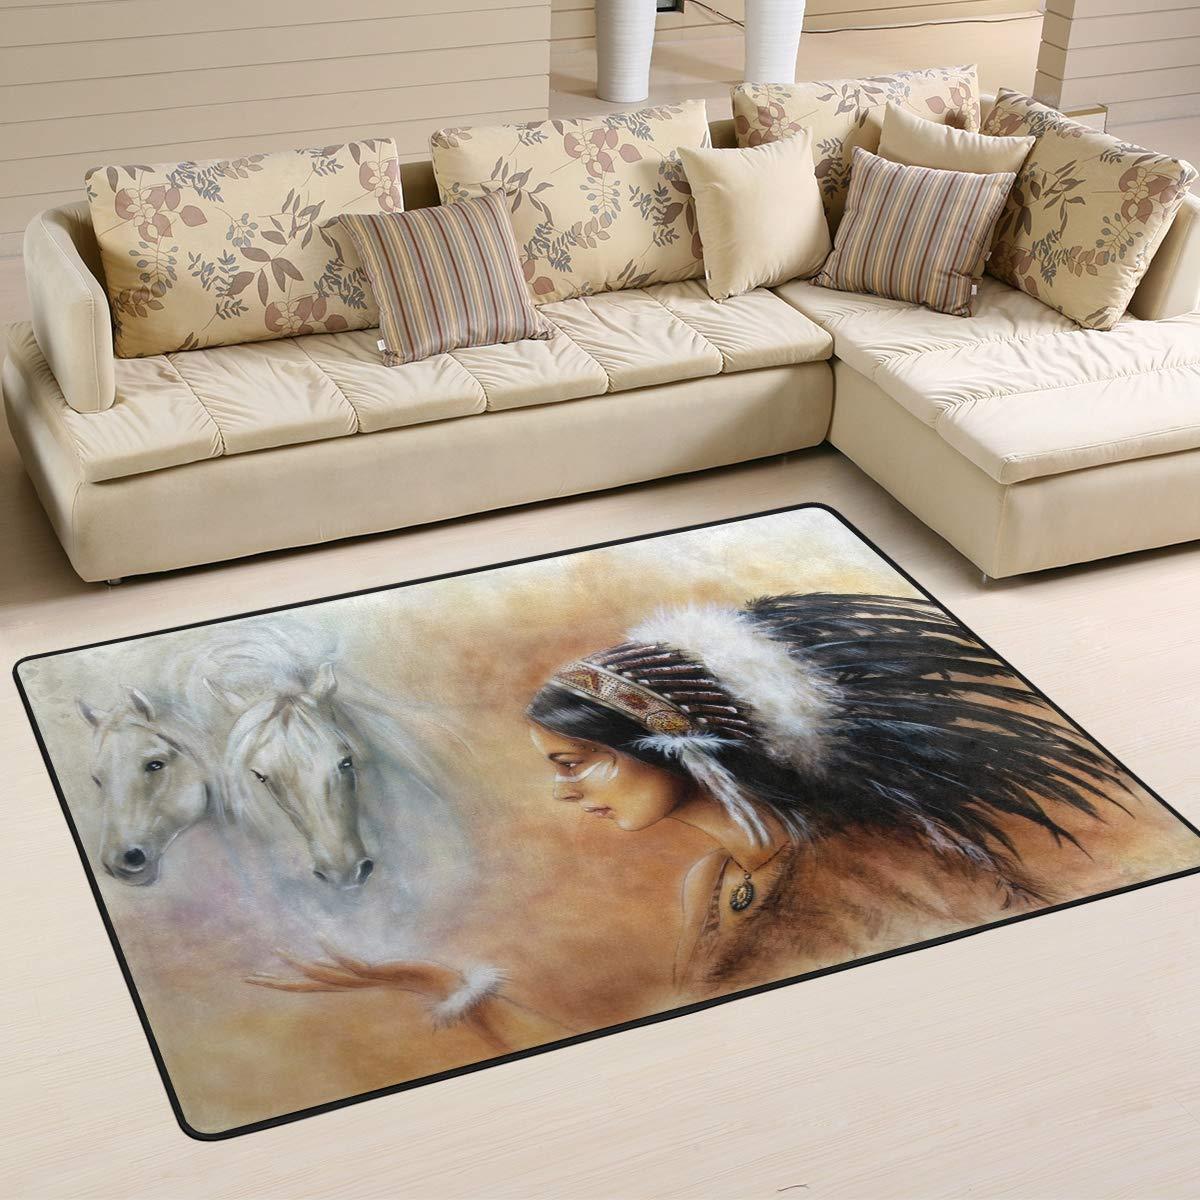 XiangHeFu Personalisierte Teppiche, amerikanische Indianer, 91,4 x 61 cm, Fußmatte, weich für Wohnzimmer, Schlafzimmer, Zuhause, Küche, Dekoration, Gesponnenes Polyester, Image 257, 72x48 Inches